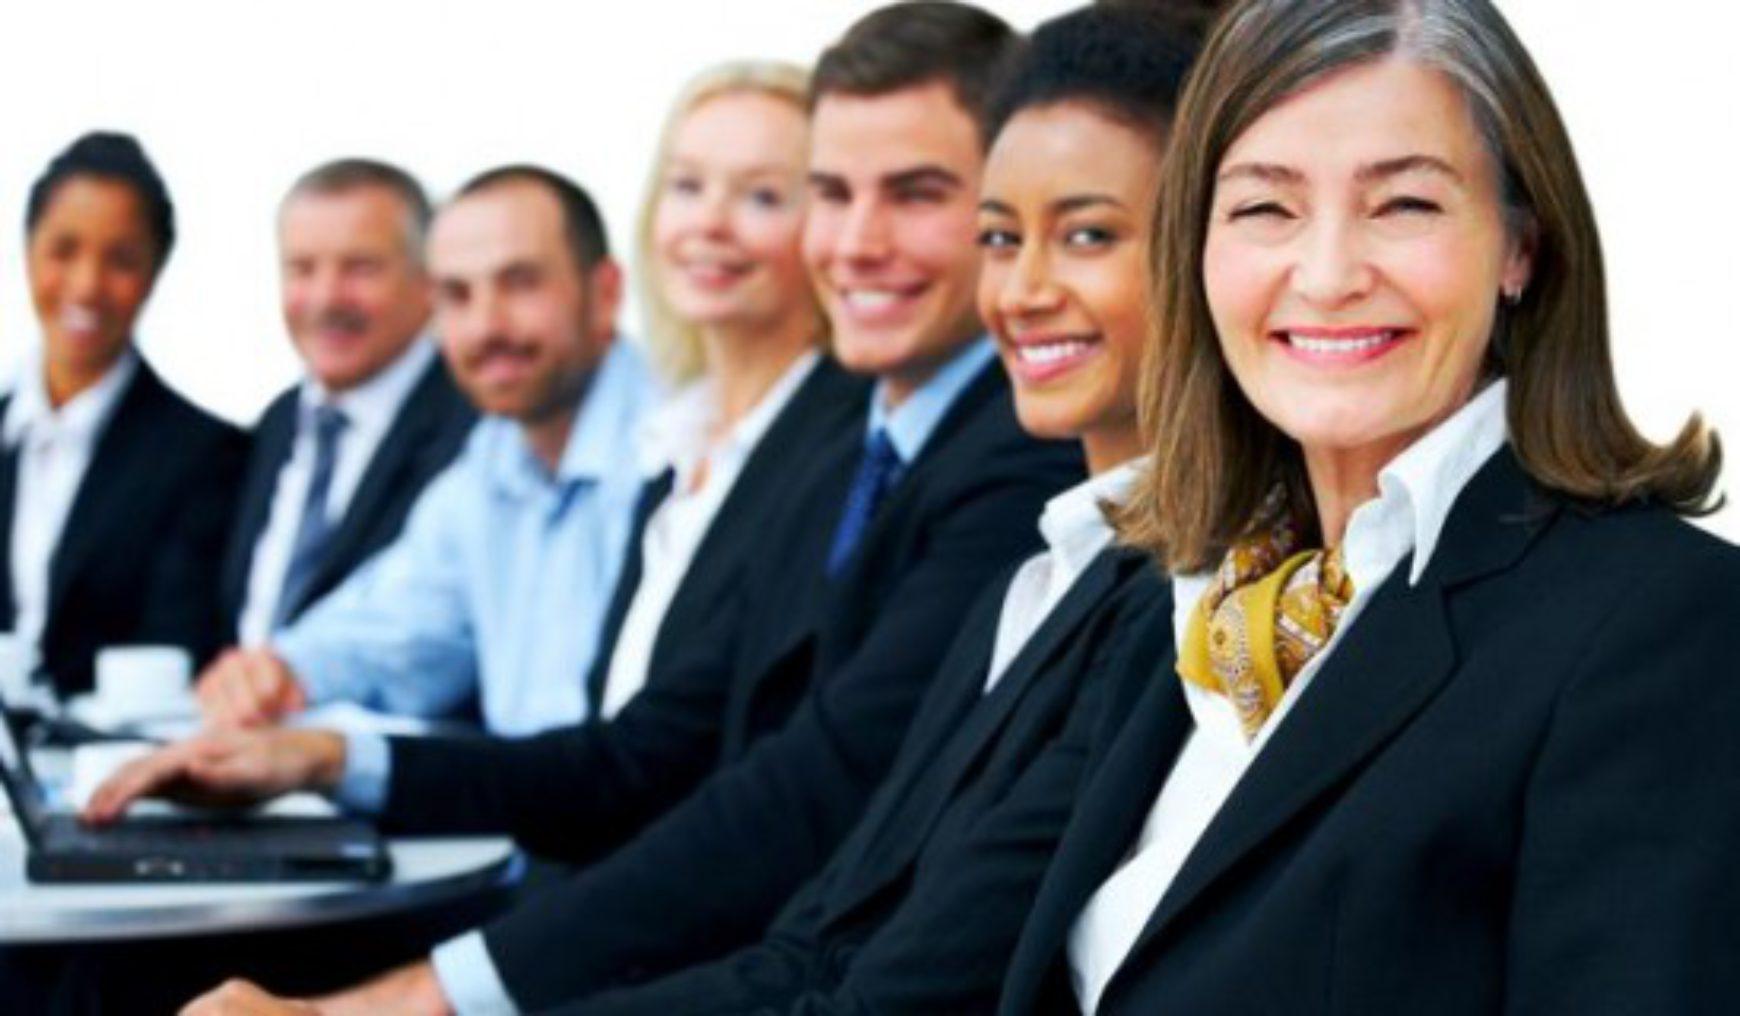 Los empresarios nórdicos no entrarán a juntas y consejos si no hay mujeres